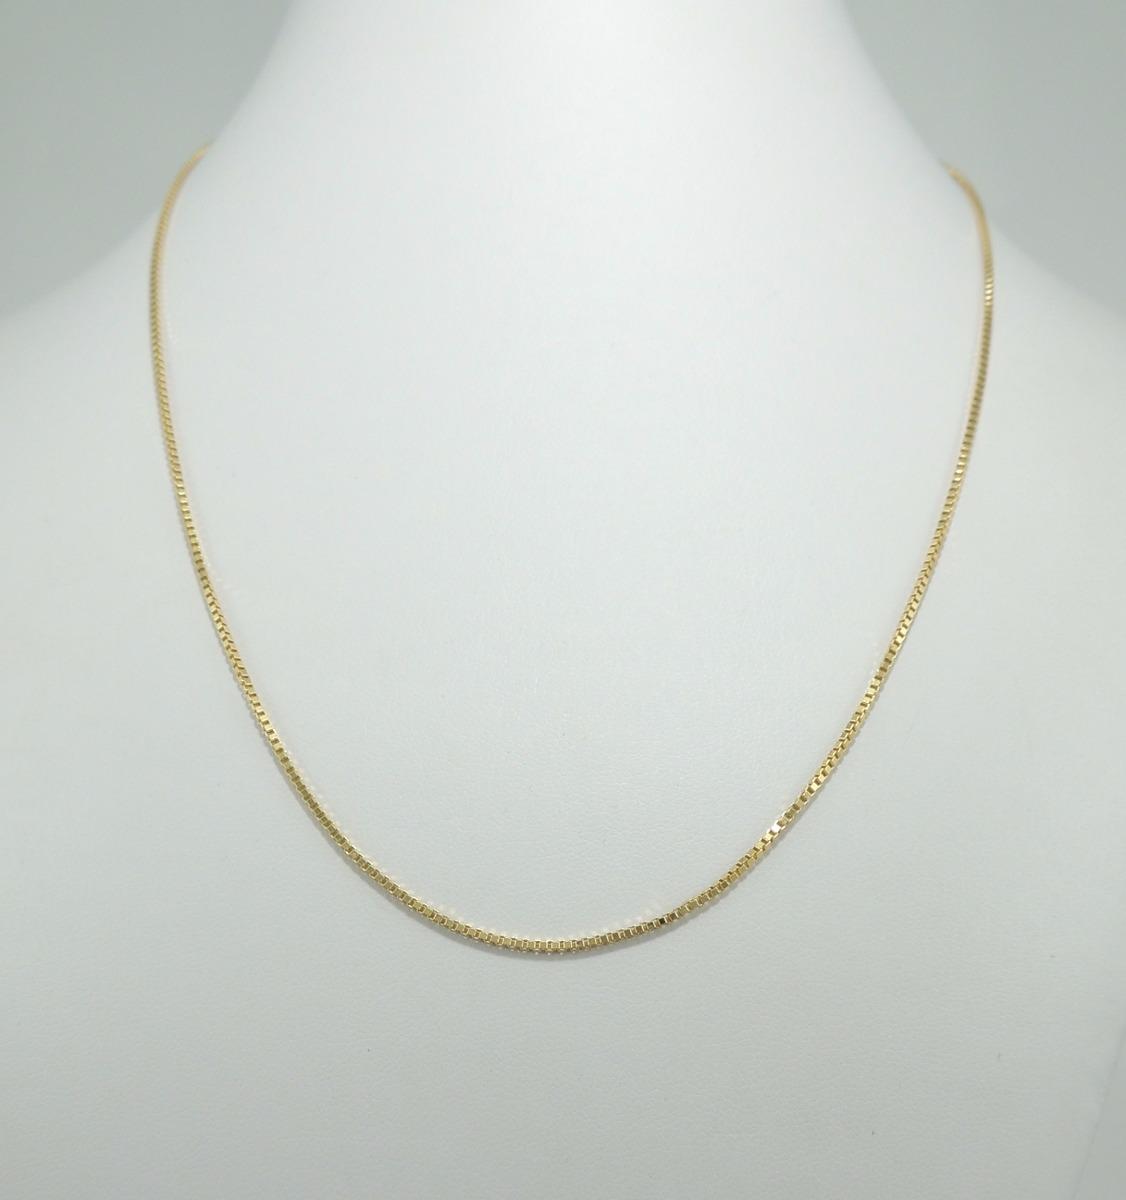 7b3177d7b0d18 corrente veneziana 60 cm em ouro 18k 750 cordão. Carregando zoom.